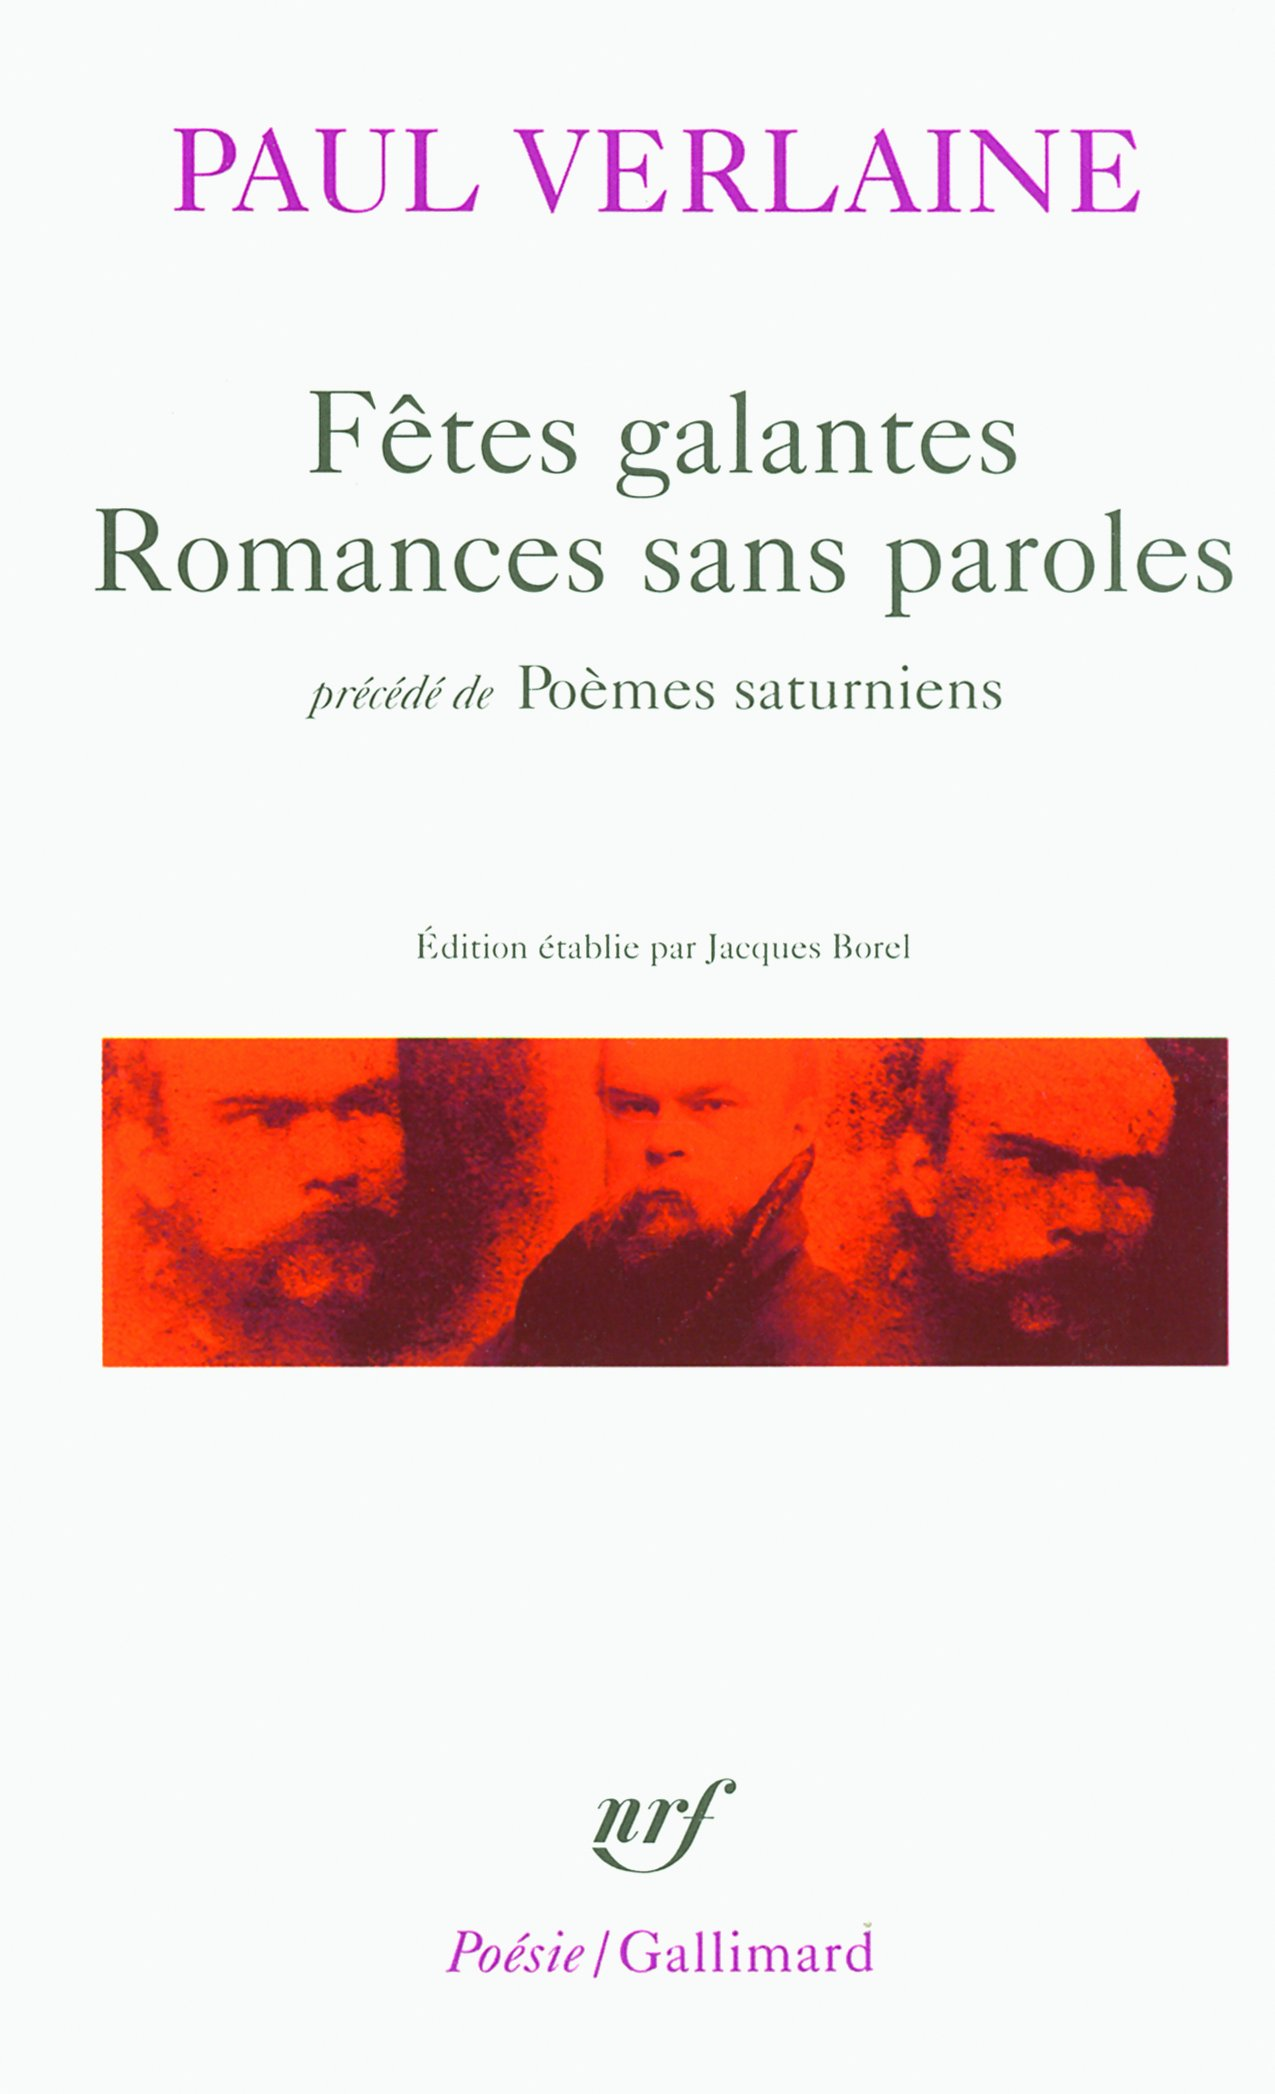 Amazon fr f tes galantes romances sans paroles pr c d de po mes saturniens paul verlaine livres